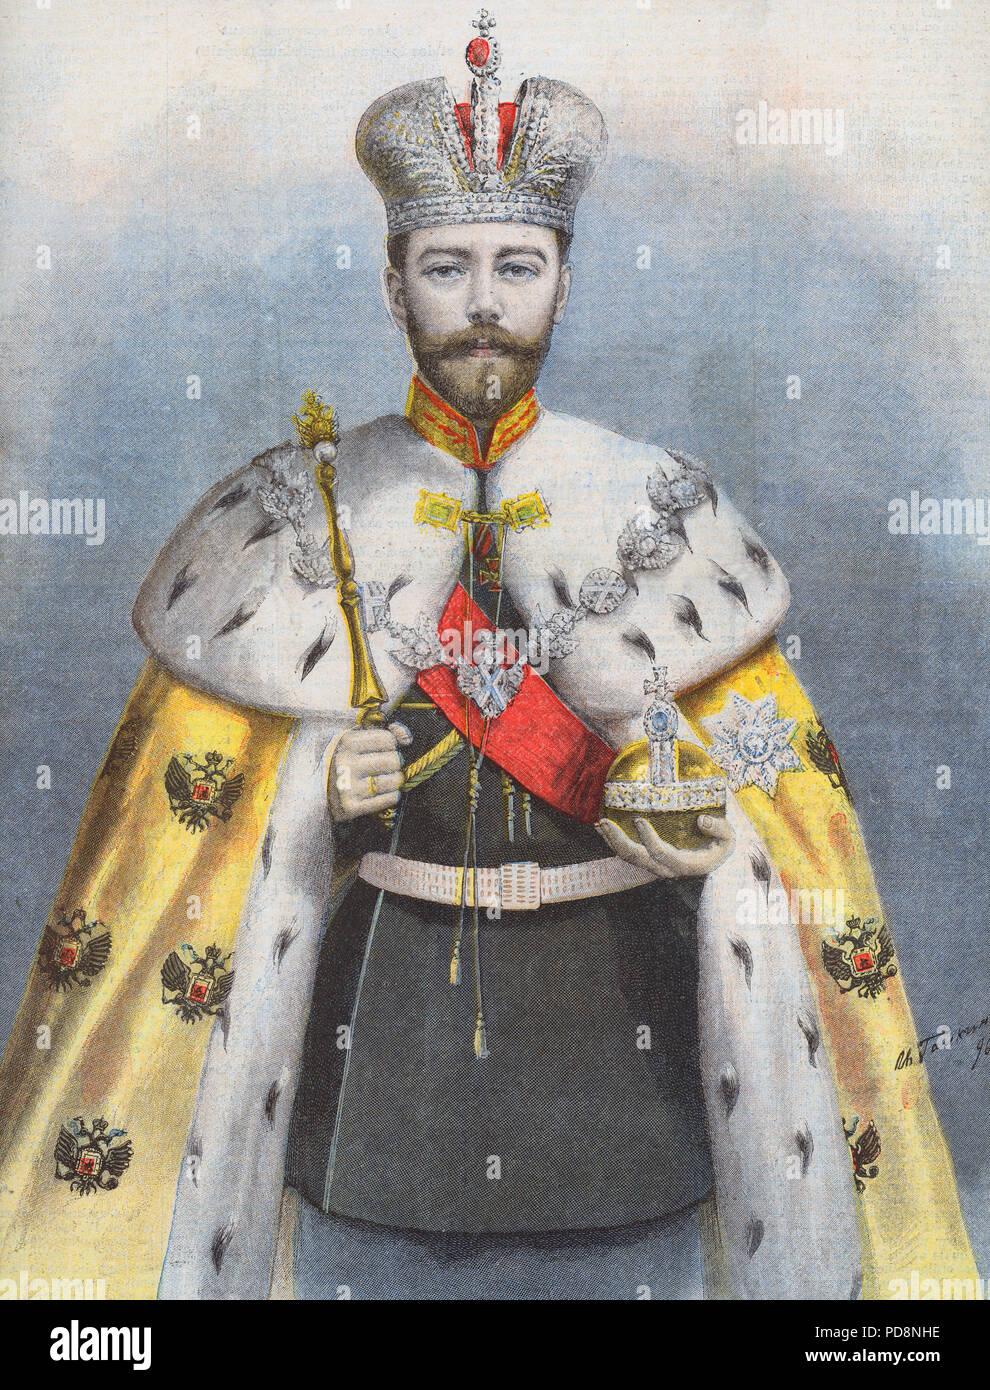 Zar Nikolaus II. von Russland. 1868-1918. Der letzte Kaiser von Russland. Abbildung von Le Petit Journal, 24. Mai 1896 im Zusammenhang mit seiner Krönung in Moskau. Stockbild